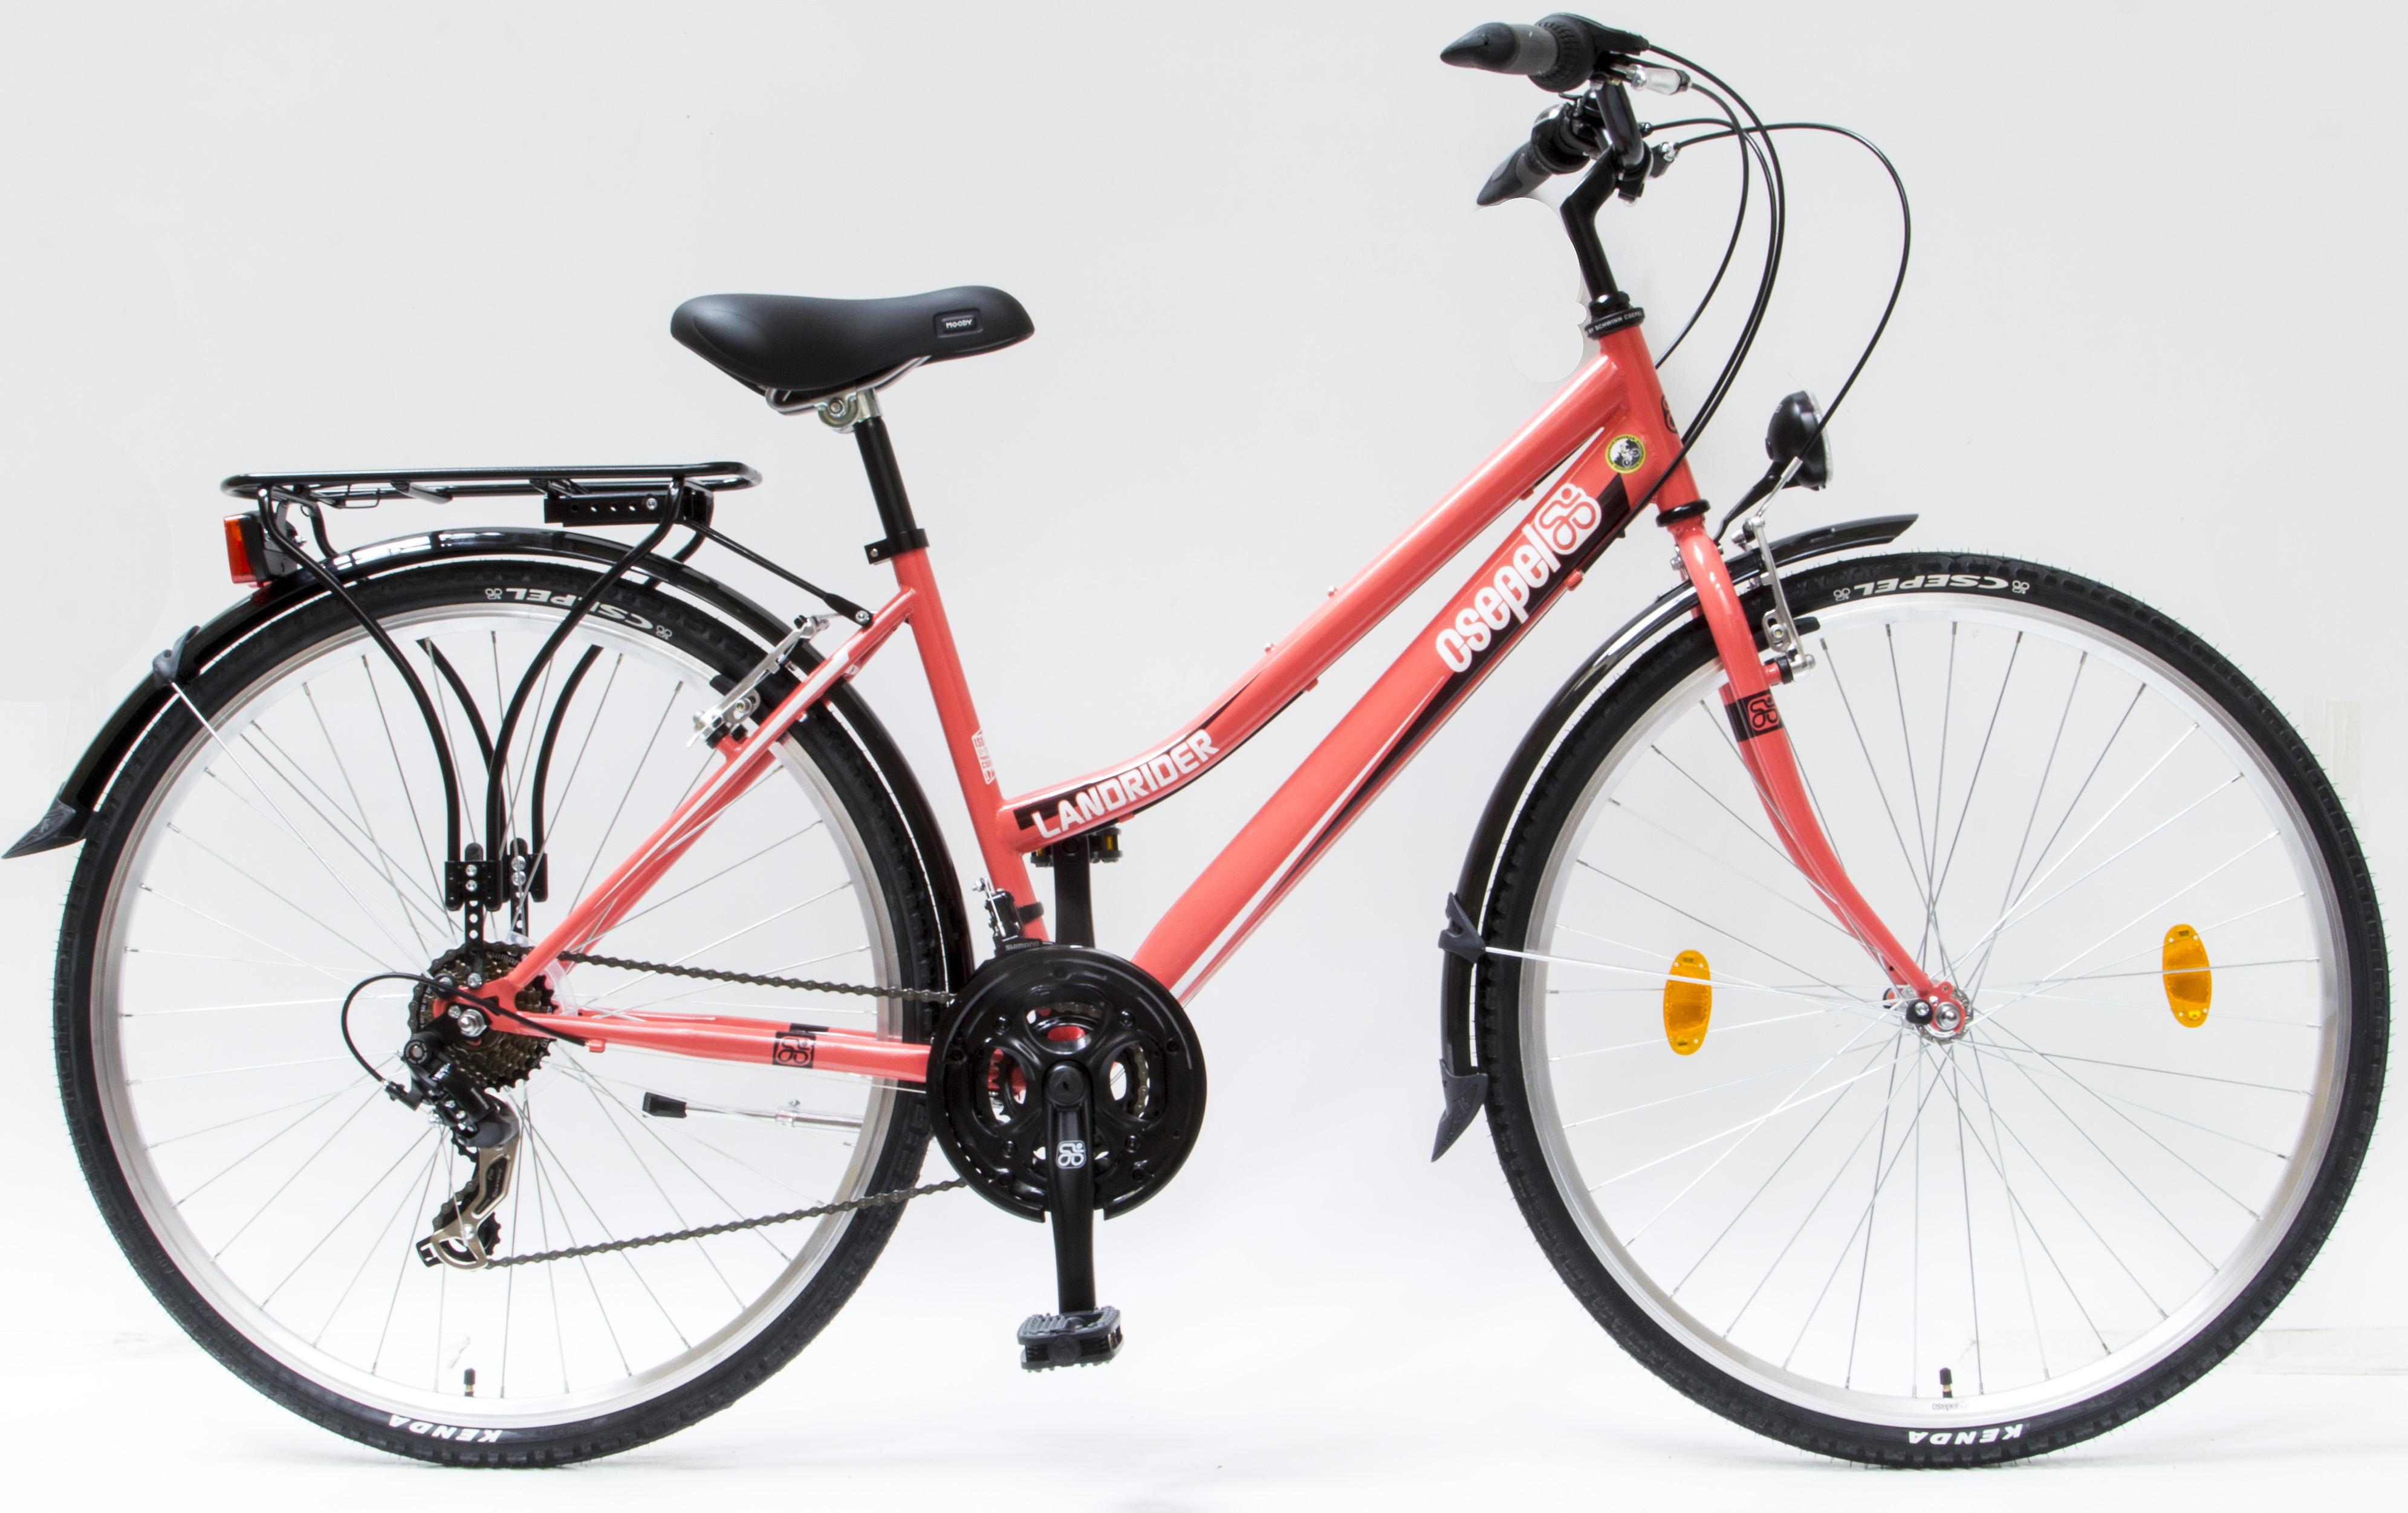 92f155fe1ad9 Schwinncsepel LANDRIDER 28/17 21S 2017 női Trekking Kerékpár | női |  Kerépár Webshop | Akciós kerékpárok